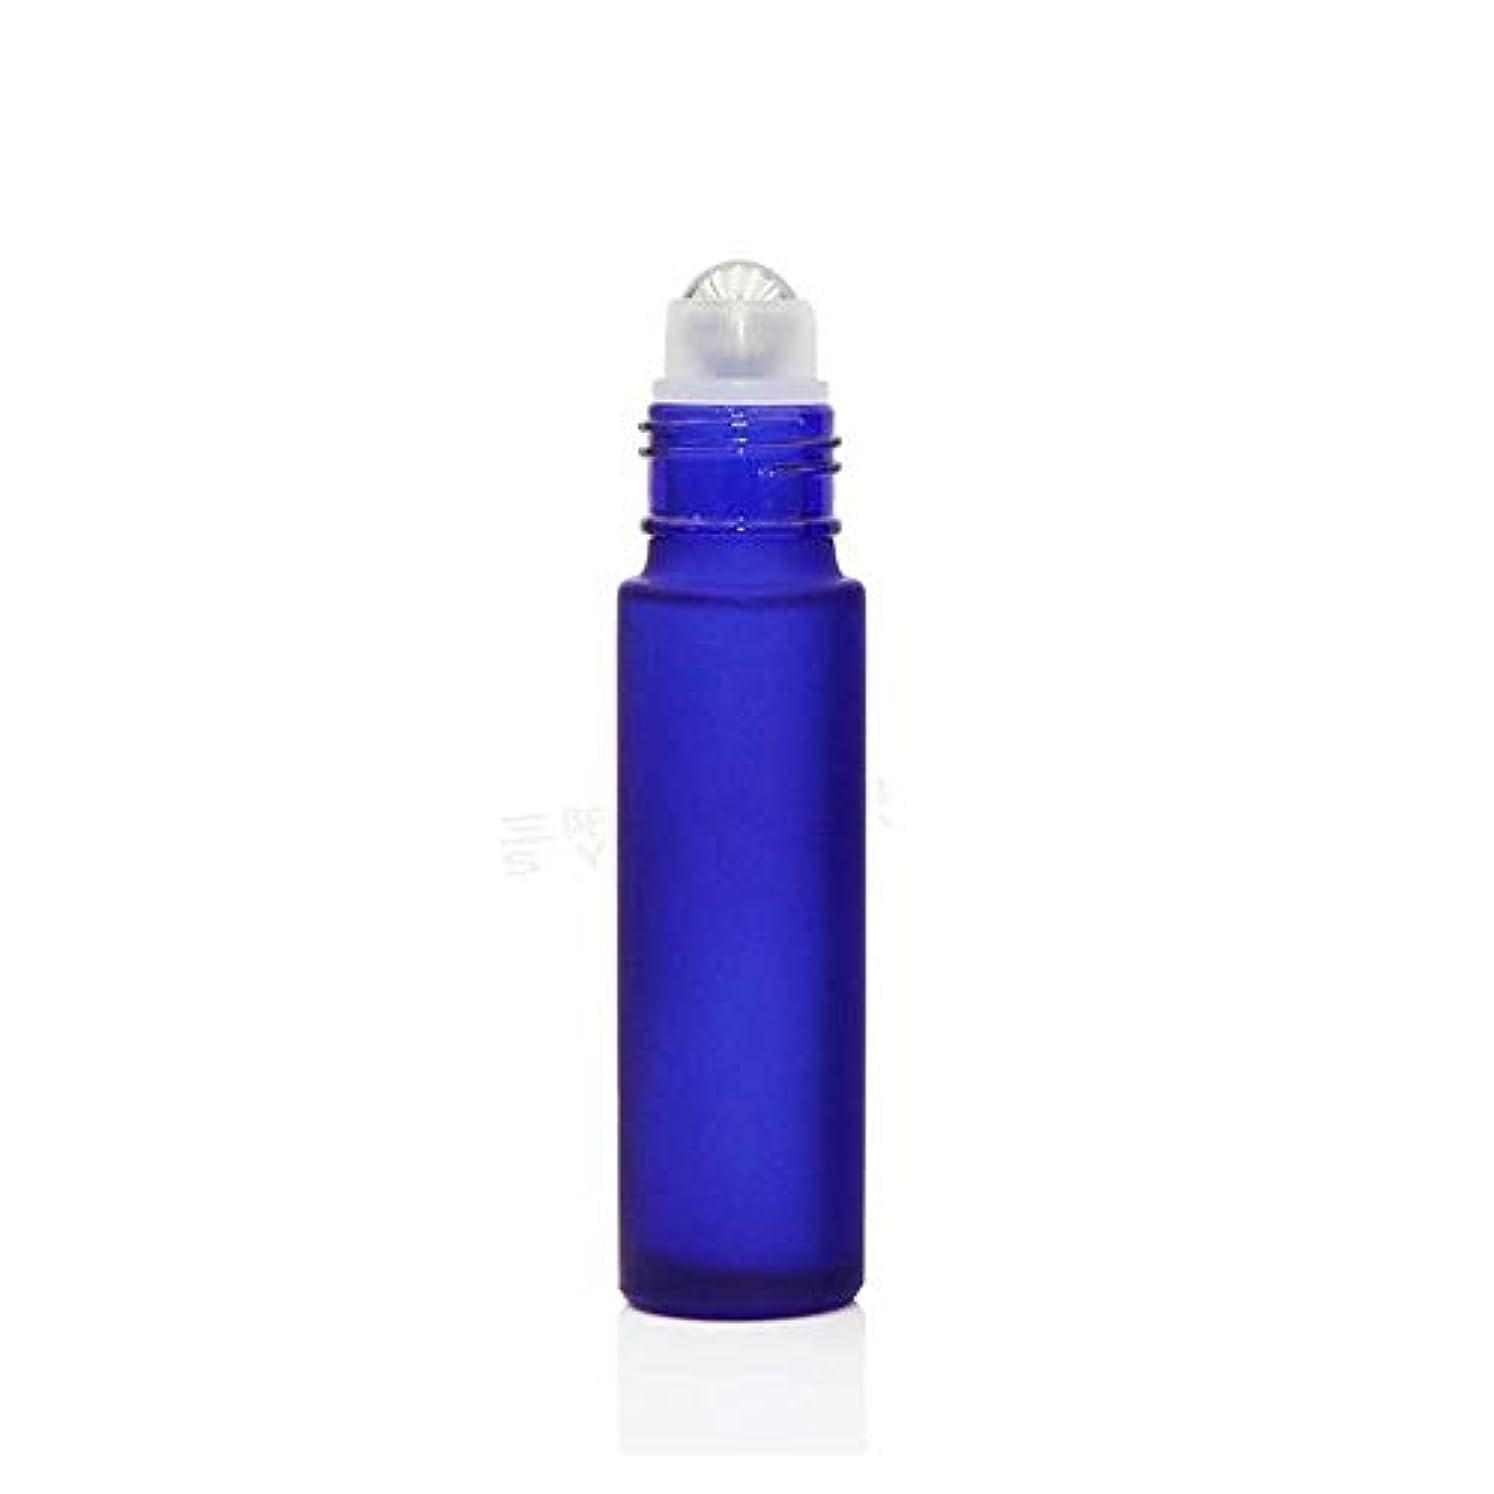 定説ギャザー雄大なgundoop ロールオンボトル アロマオイル 精油 小分け用 遮光瓶 10ml 10本セット ガラスロールタイプ (ブルー)